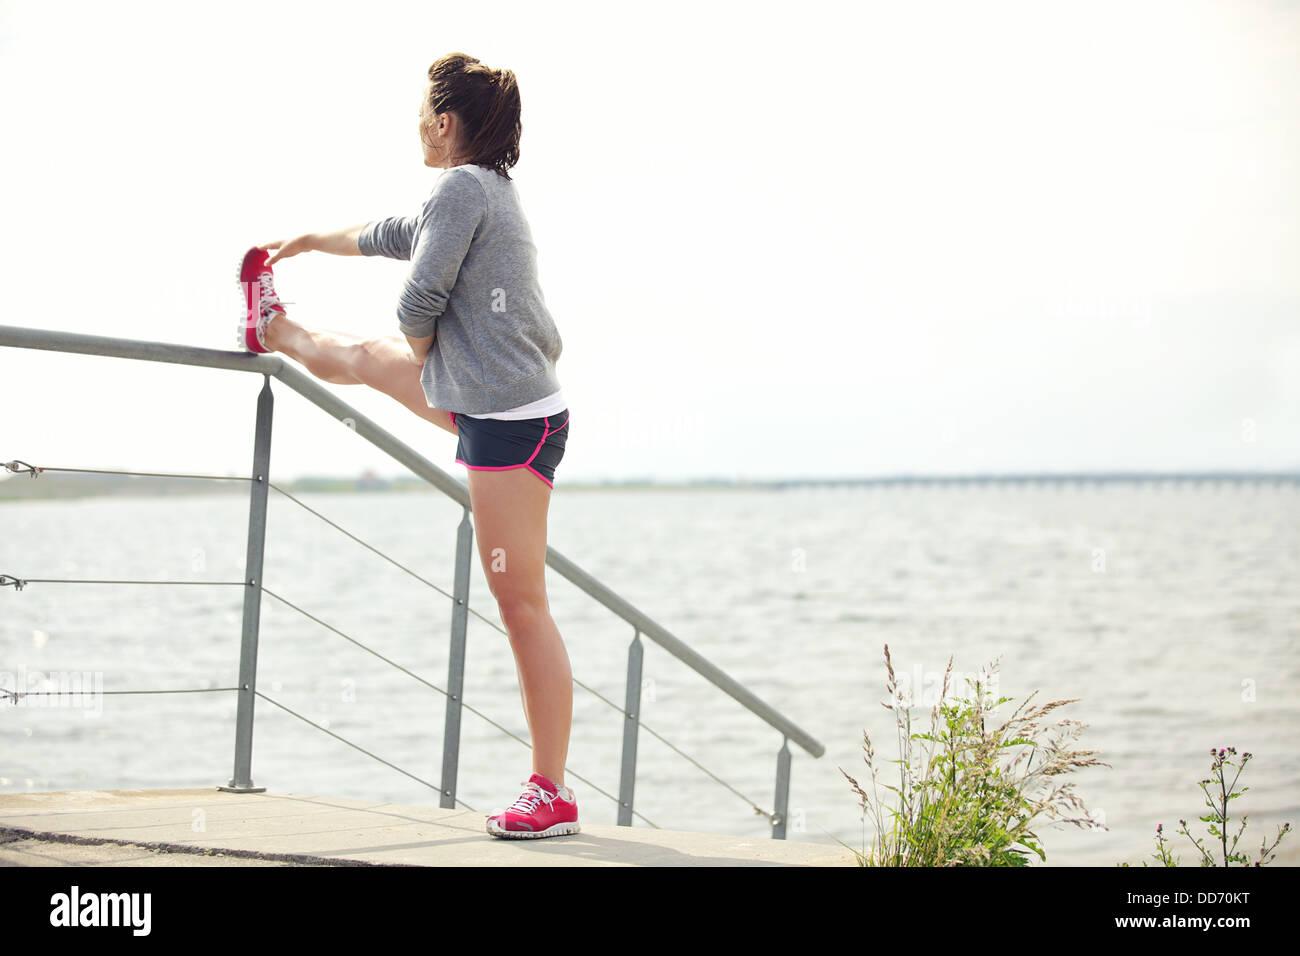 Participación activa de los jóvenes corredoras estirar sus piernas antes de ejecutar el ejercicio al aire Imagen De Stock